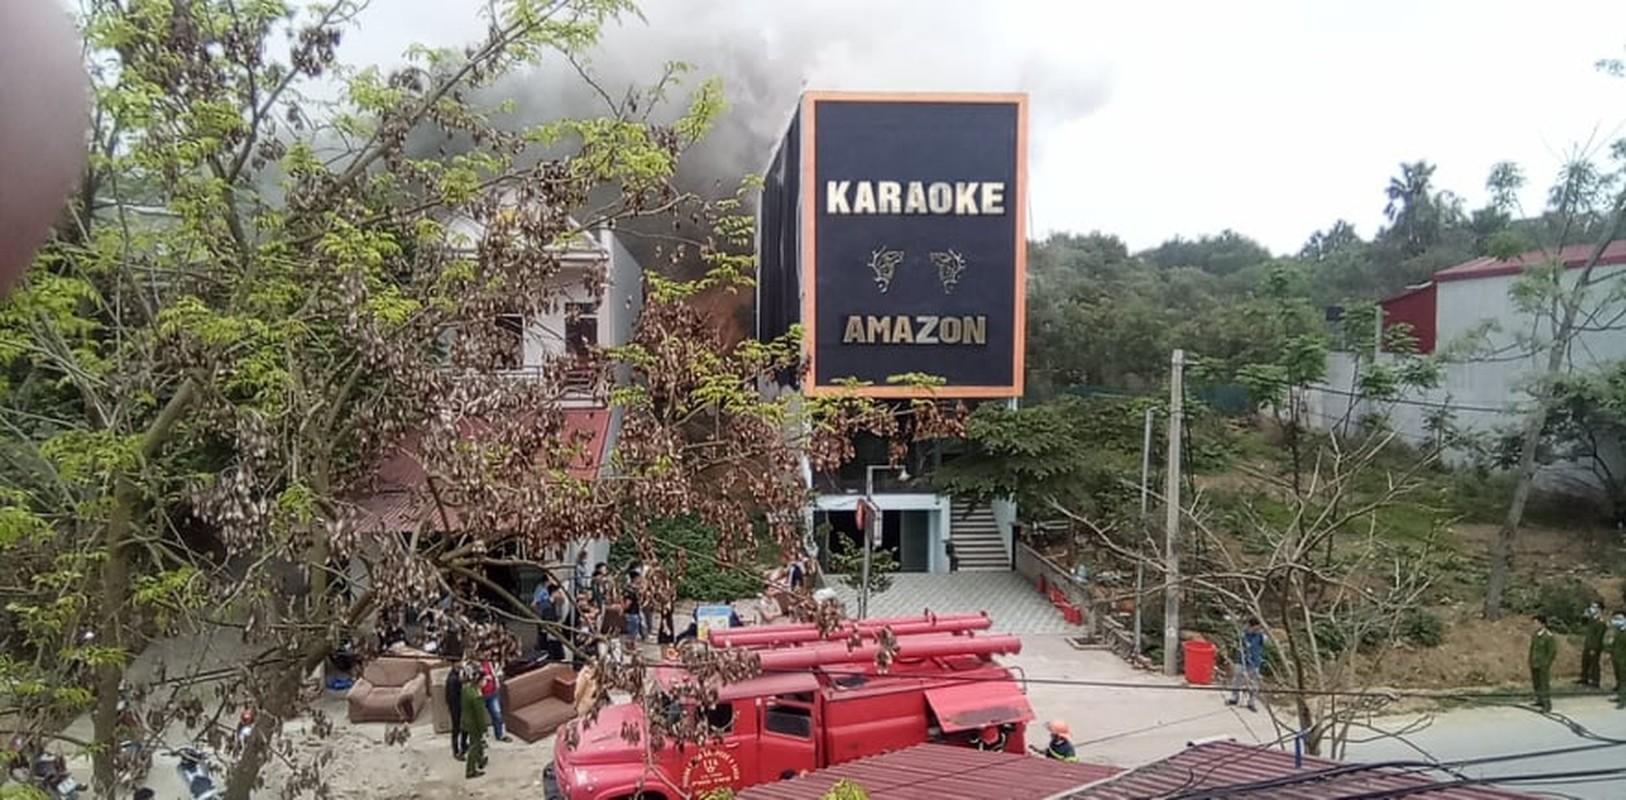 Chay quan hat karaoke, khoi boc cao hang tram met-Hinh-4